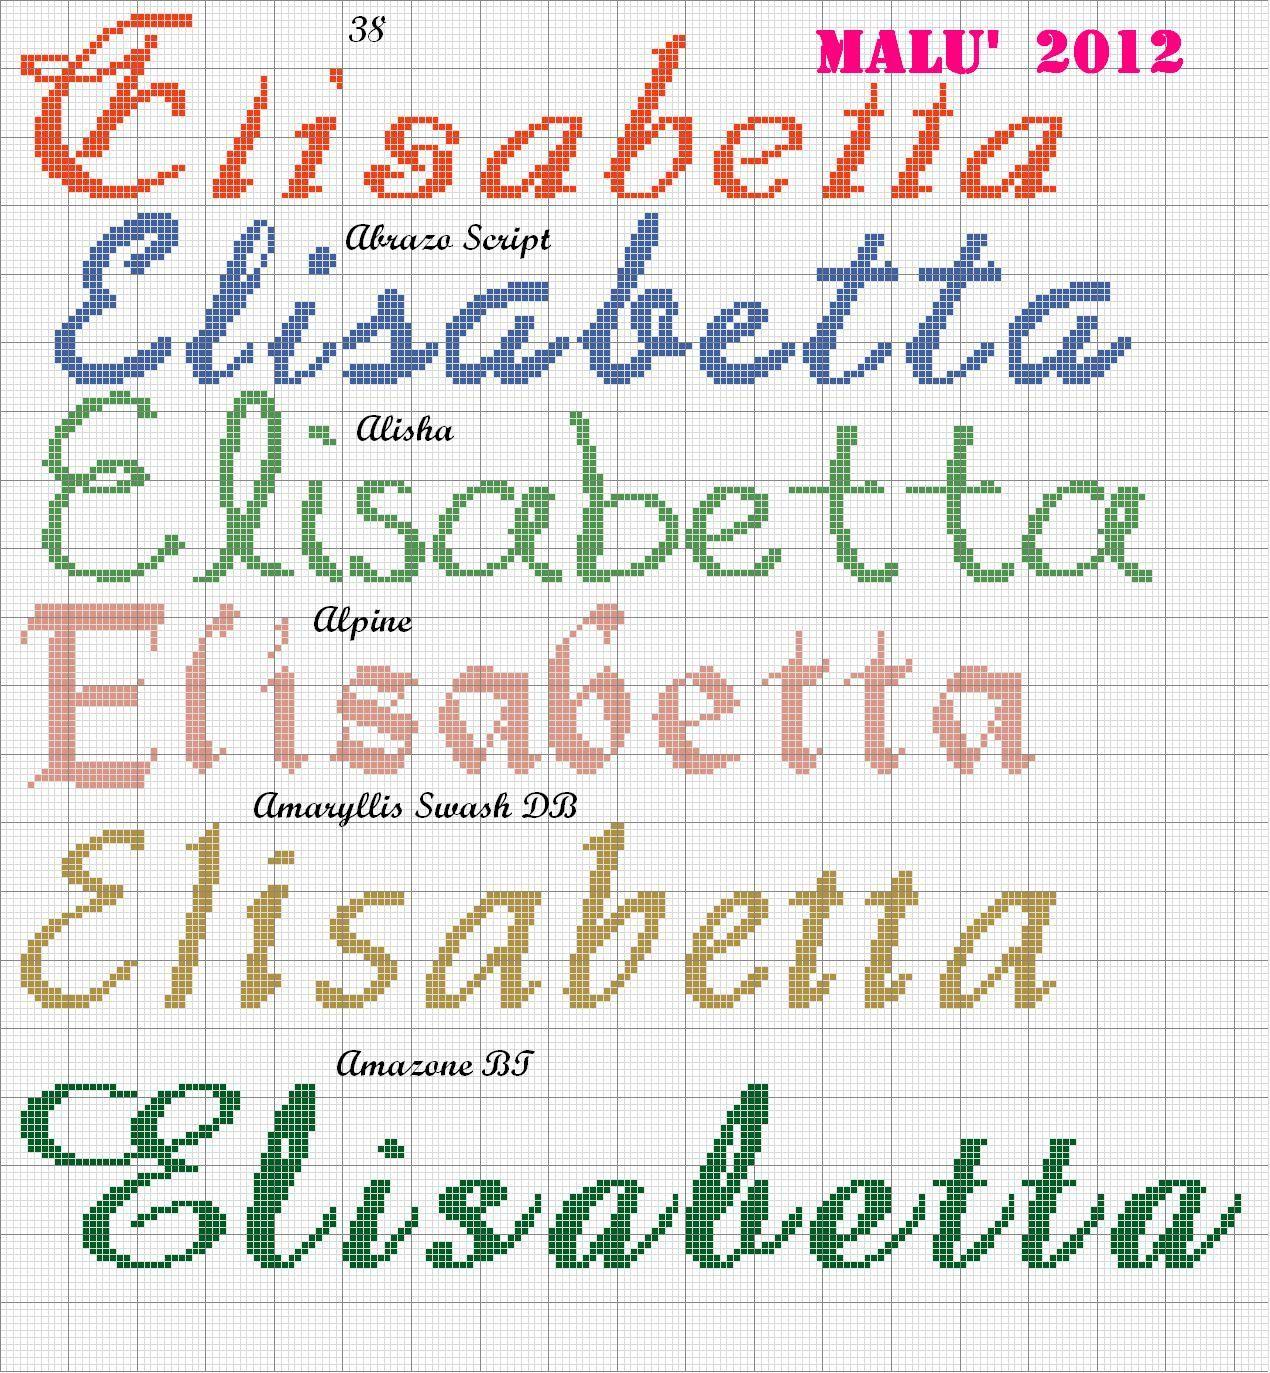 Lettere Alfabeto Corsivo Minuscolo: Pin By Nava Camilla On Ely E Bea